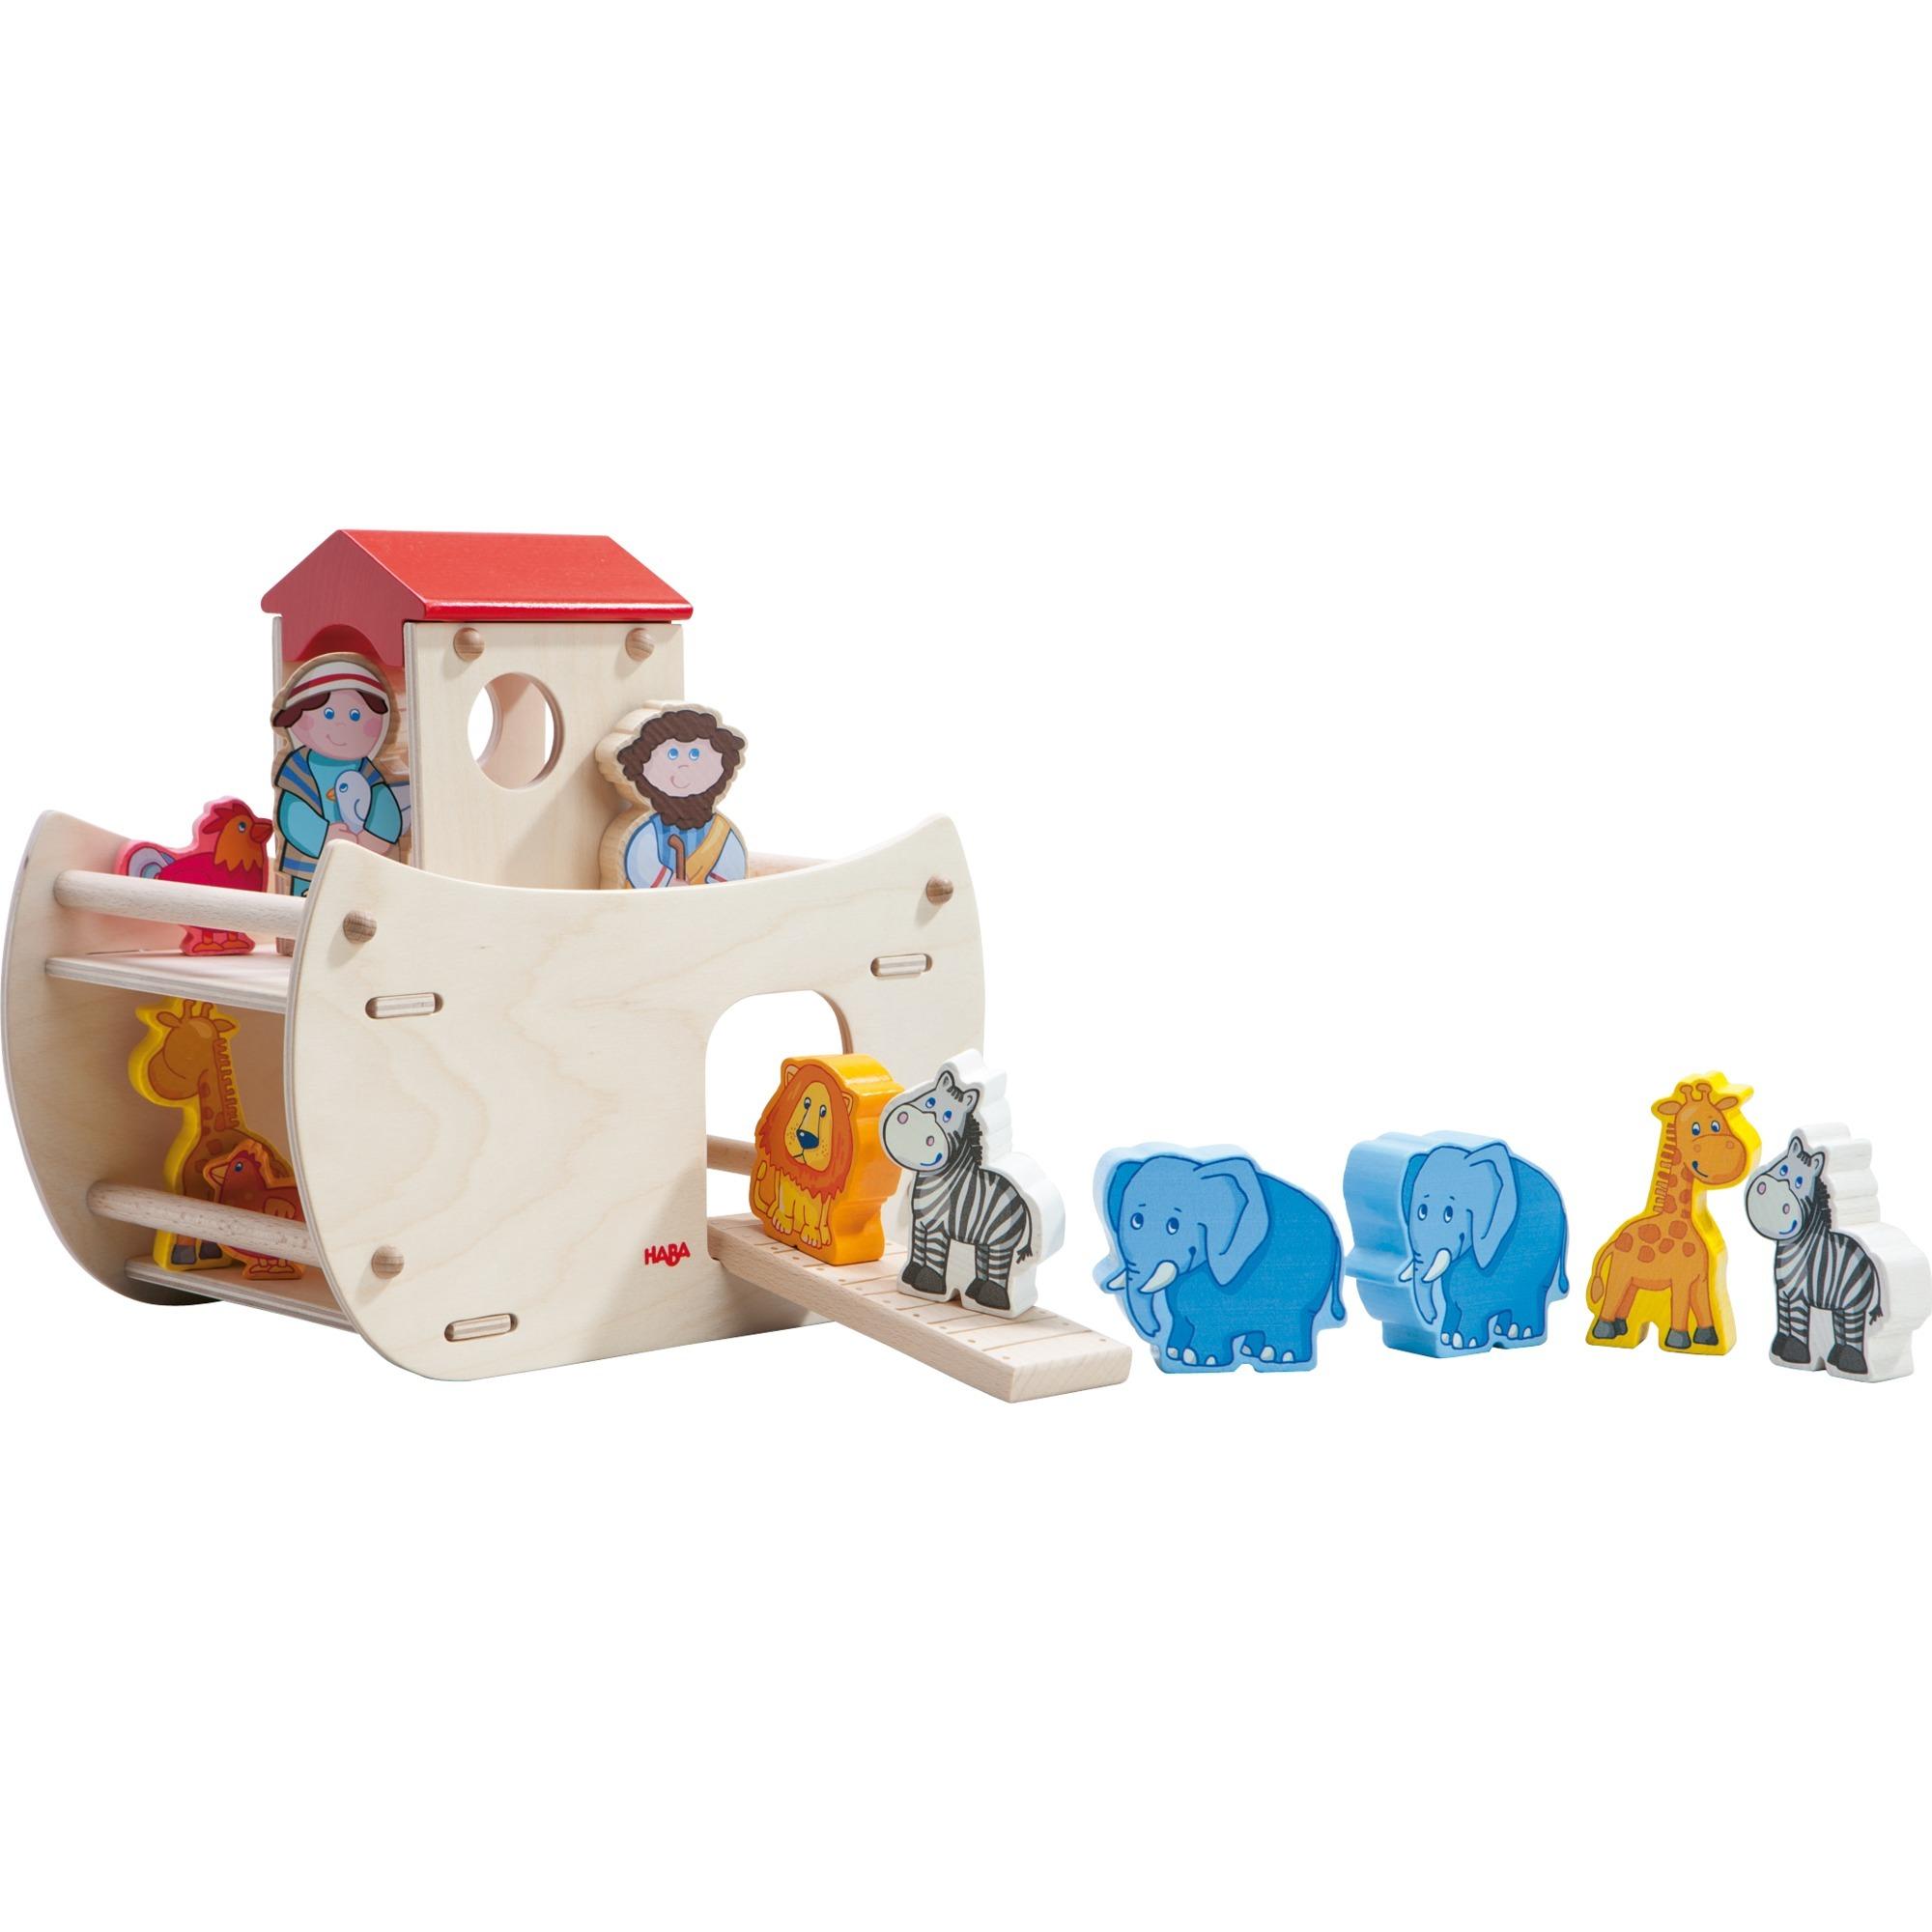 003153 kit de figura de juguete para niños, Muñecos